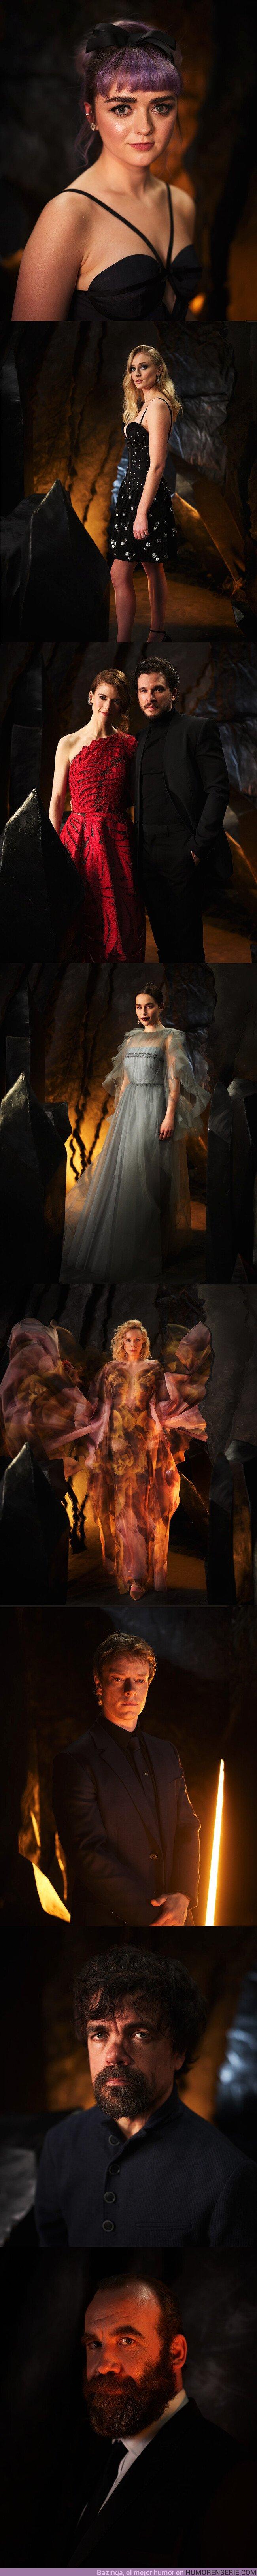 36761 - GALERÍA: Todo el mundo está flipando con las fotos del casting del Juego de Tronos en la premiere de la última temporada